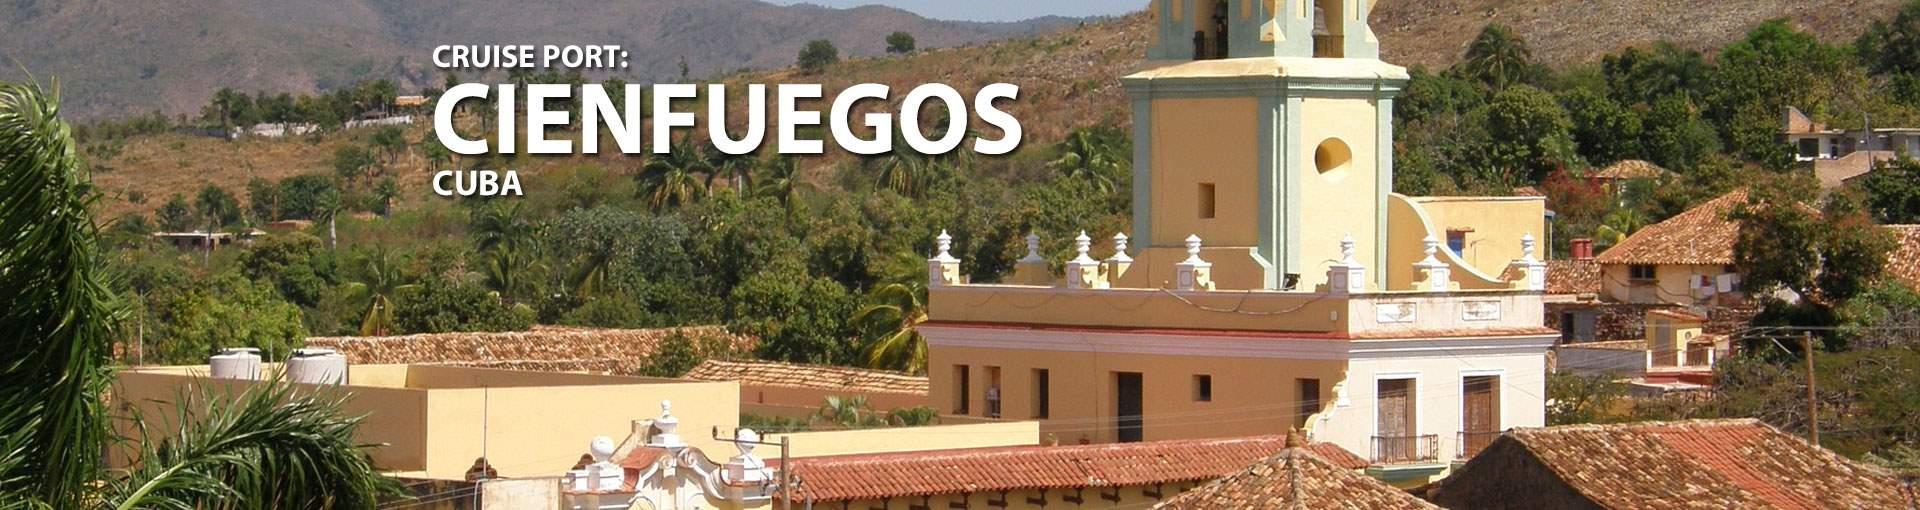 Cienfuegos, Cuba Cruise Port